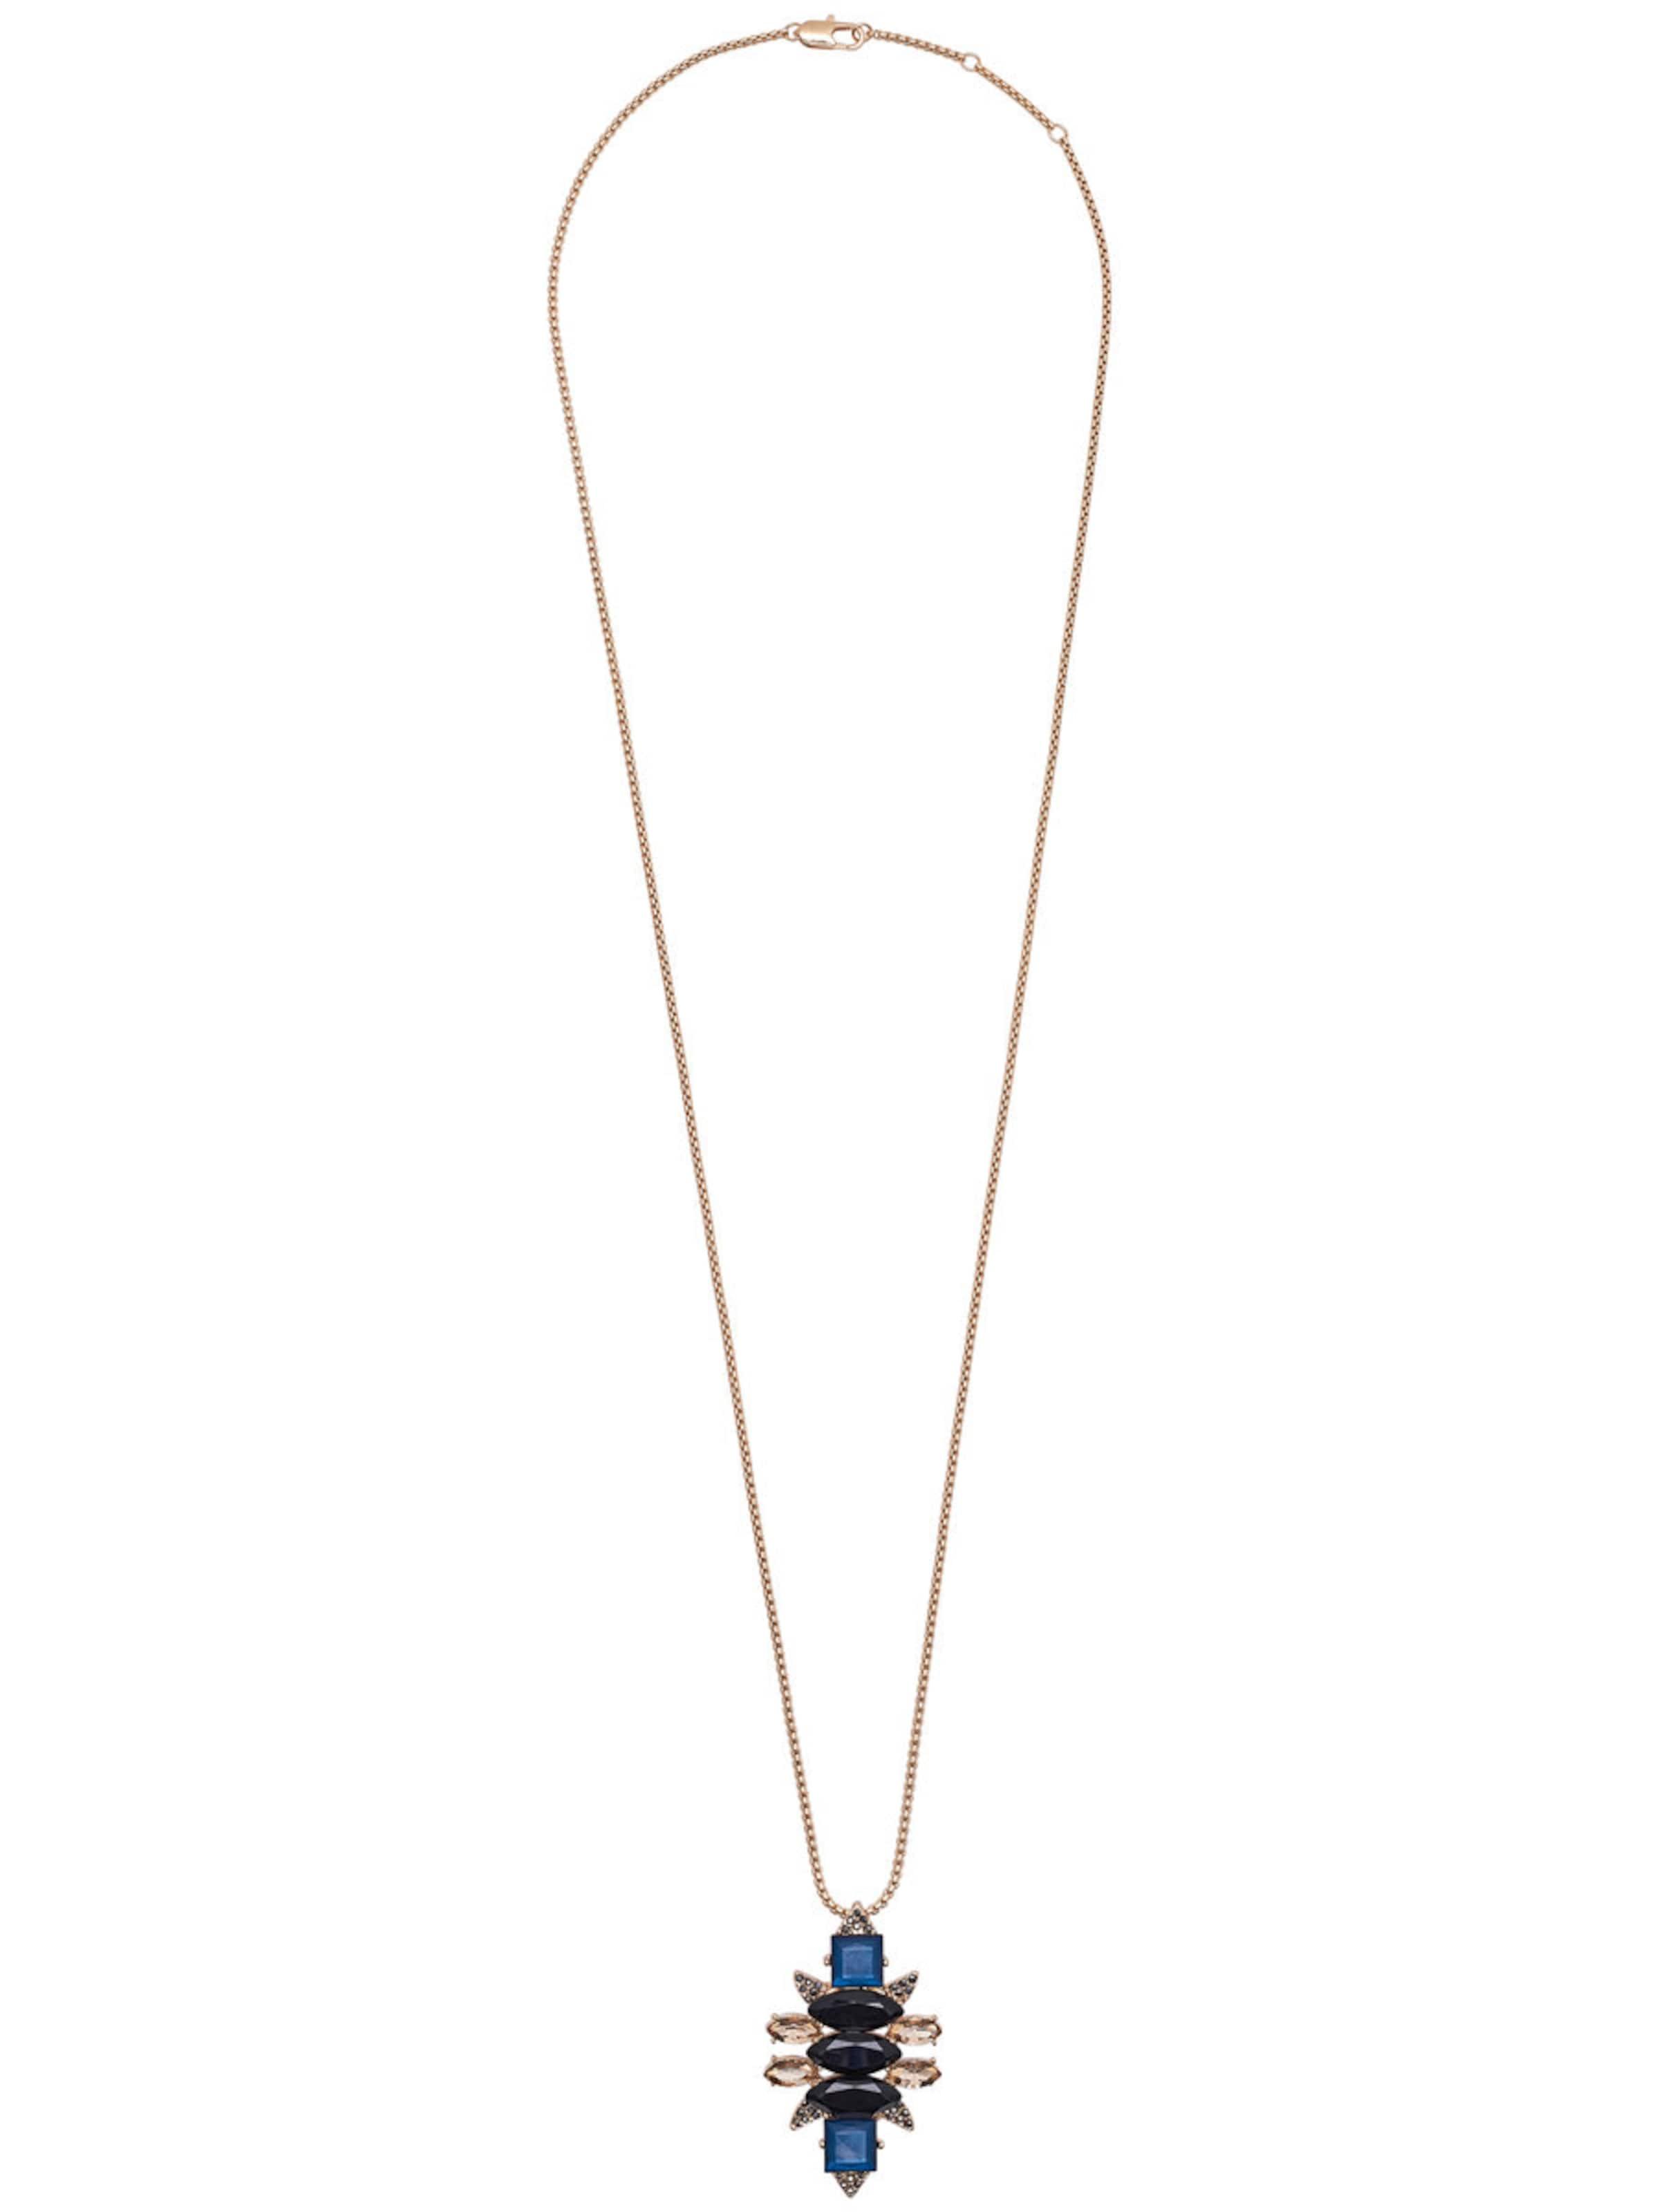 Verkauf Verkauf Online Zu Verkaufen Authentische Online Kaufen ONLY Lange Halskette Spielraum Sast 40EZ5aufW